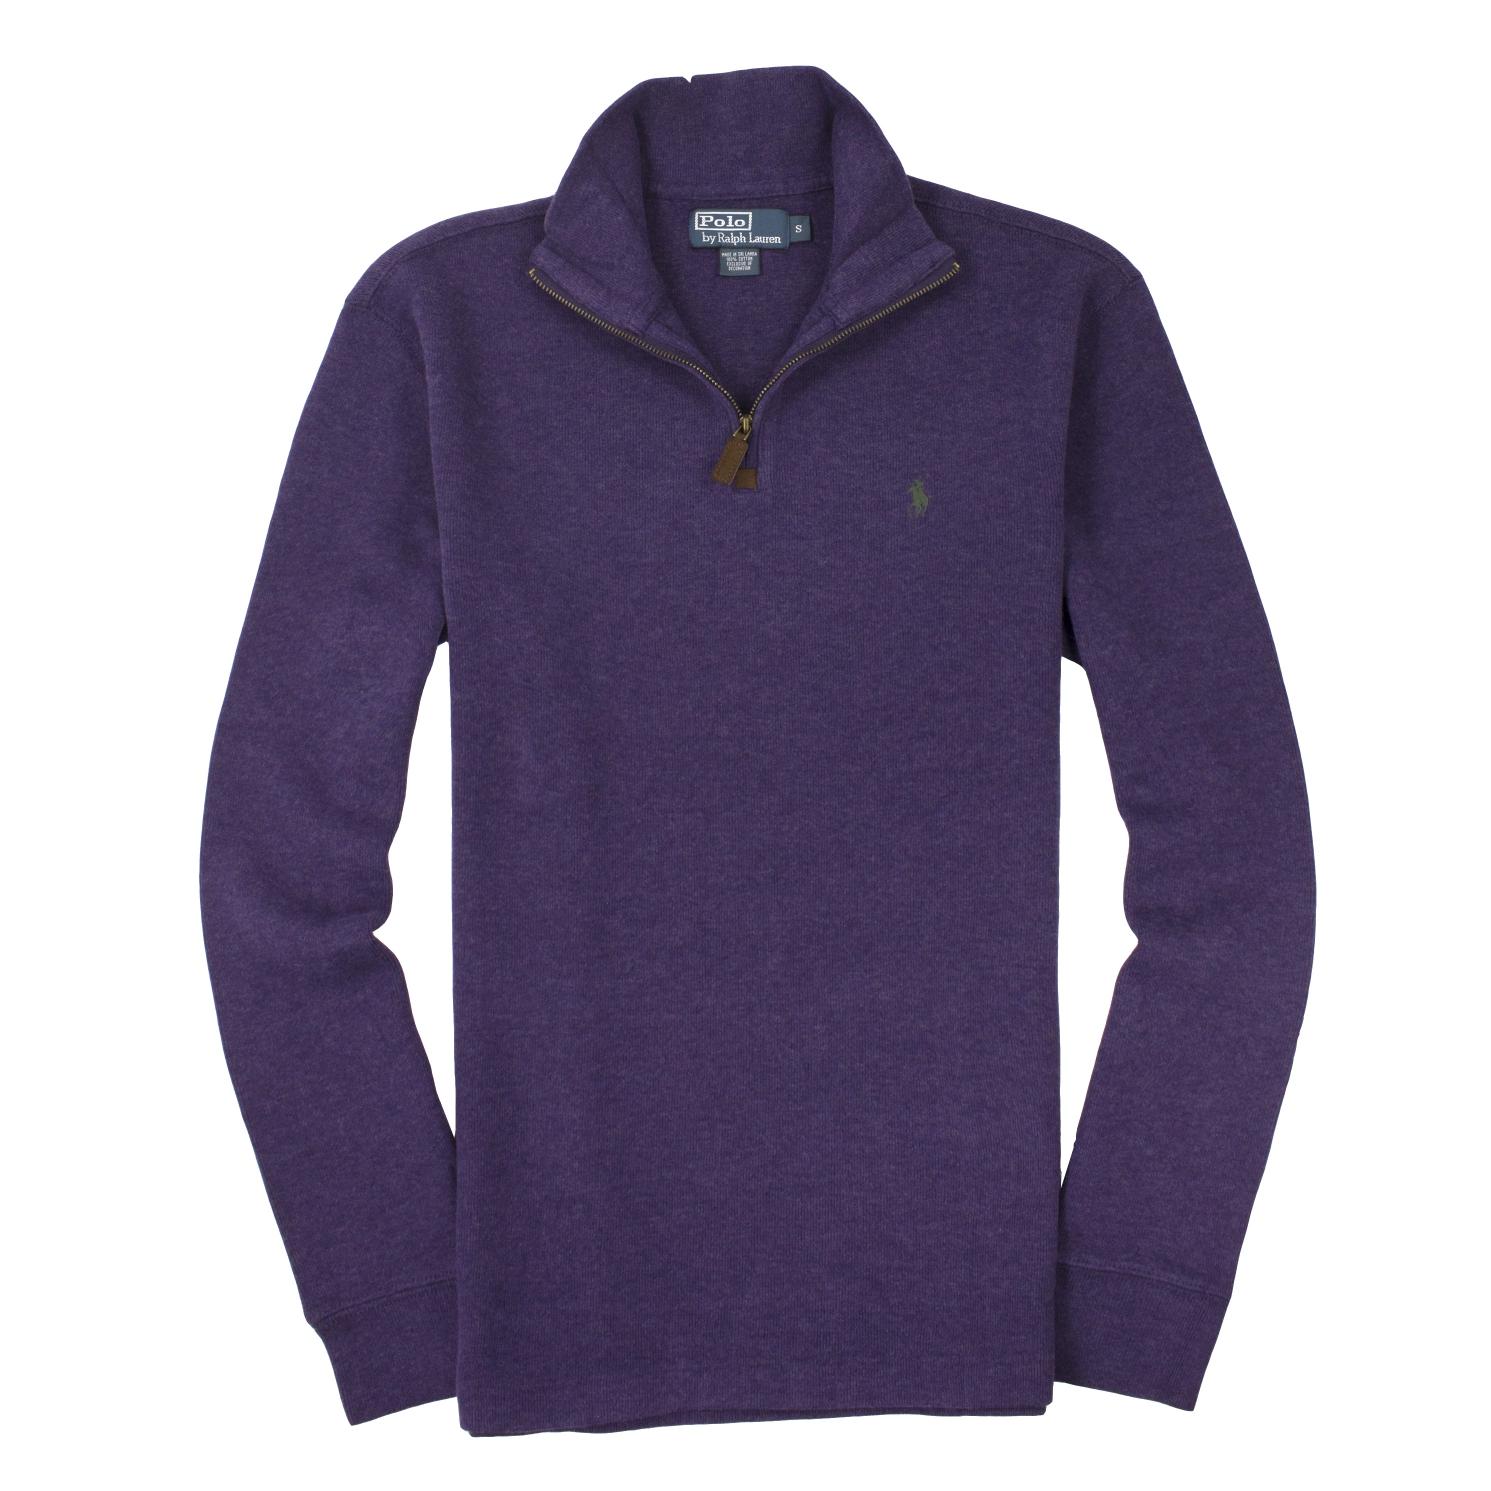 美國百分百【全新真品】Ralph Lauren 針織衫 RL 長袖 線衫 Polo 小馬 紫 半拉 麂皮 厚棉 男 S M號 B027